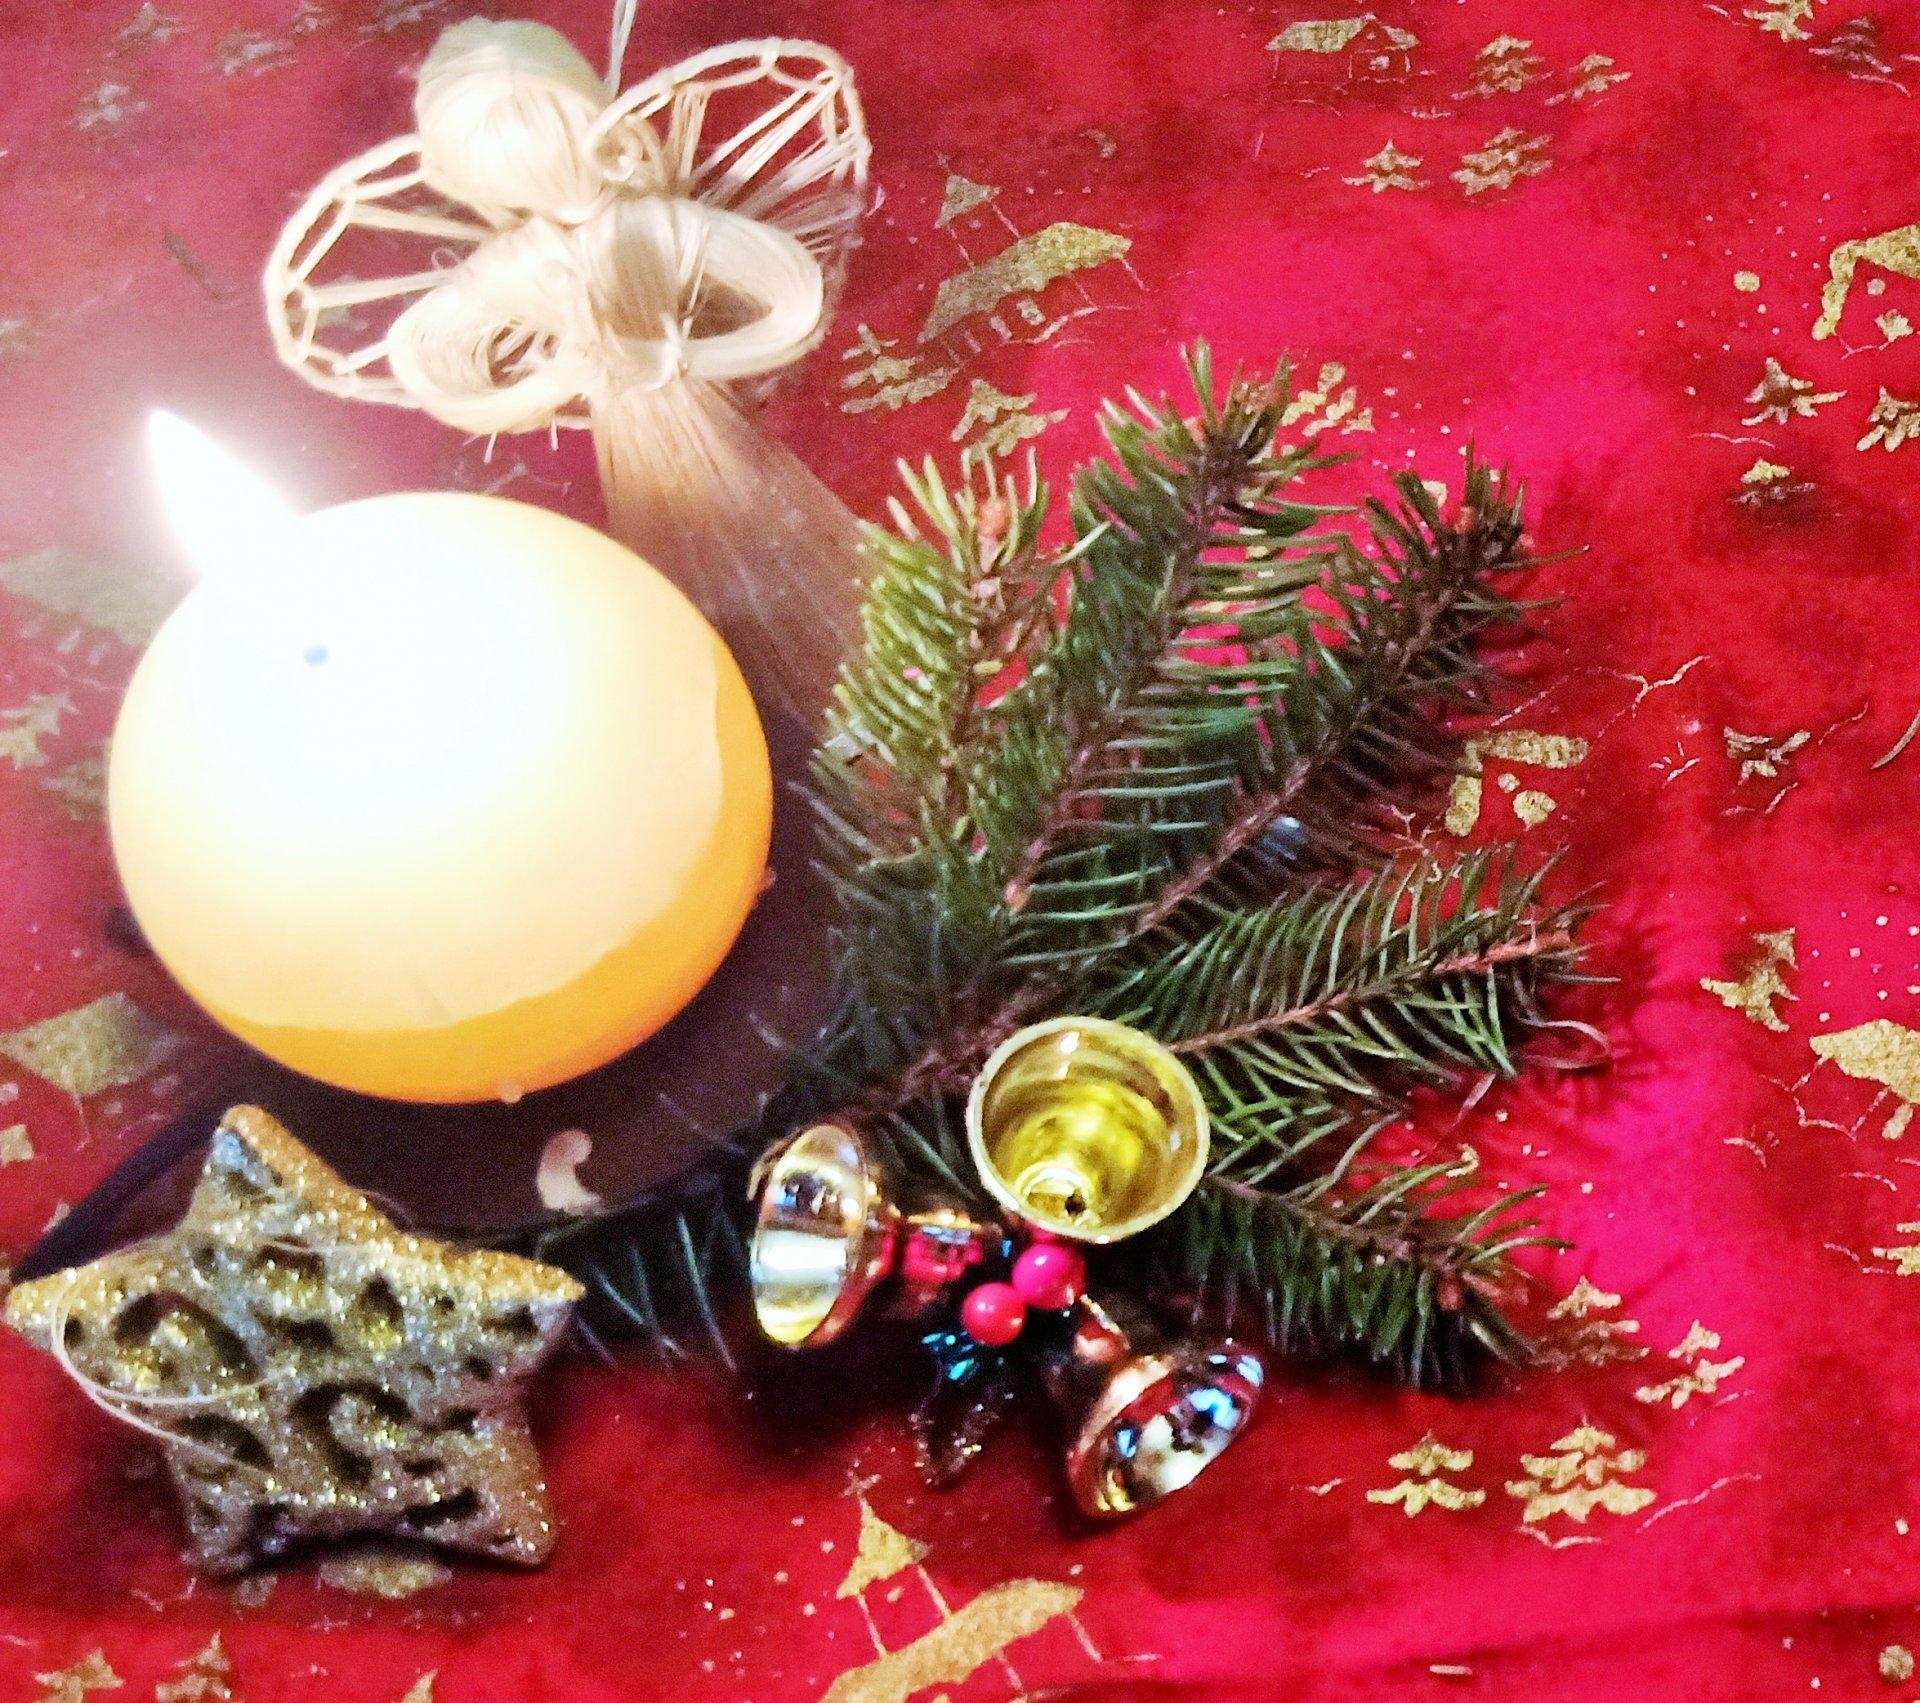 Krásné a pohodové vánoční svátky